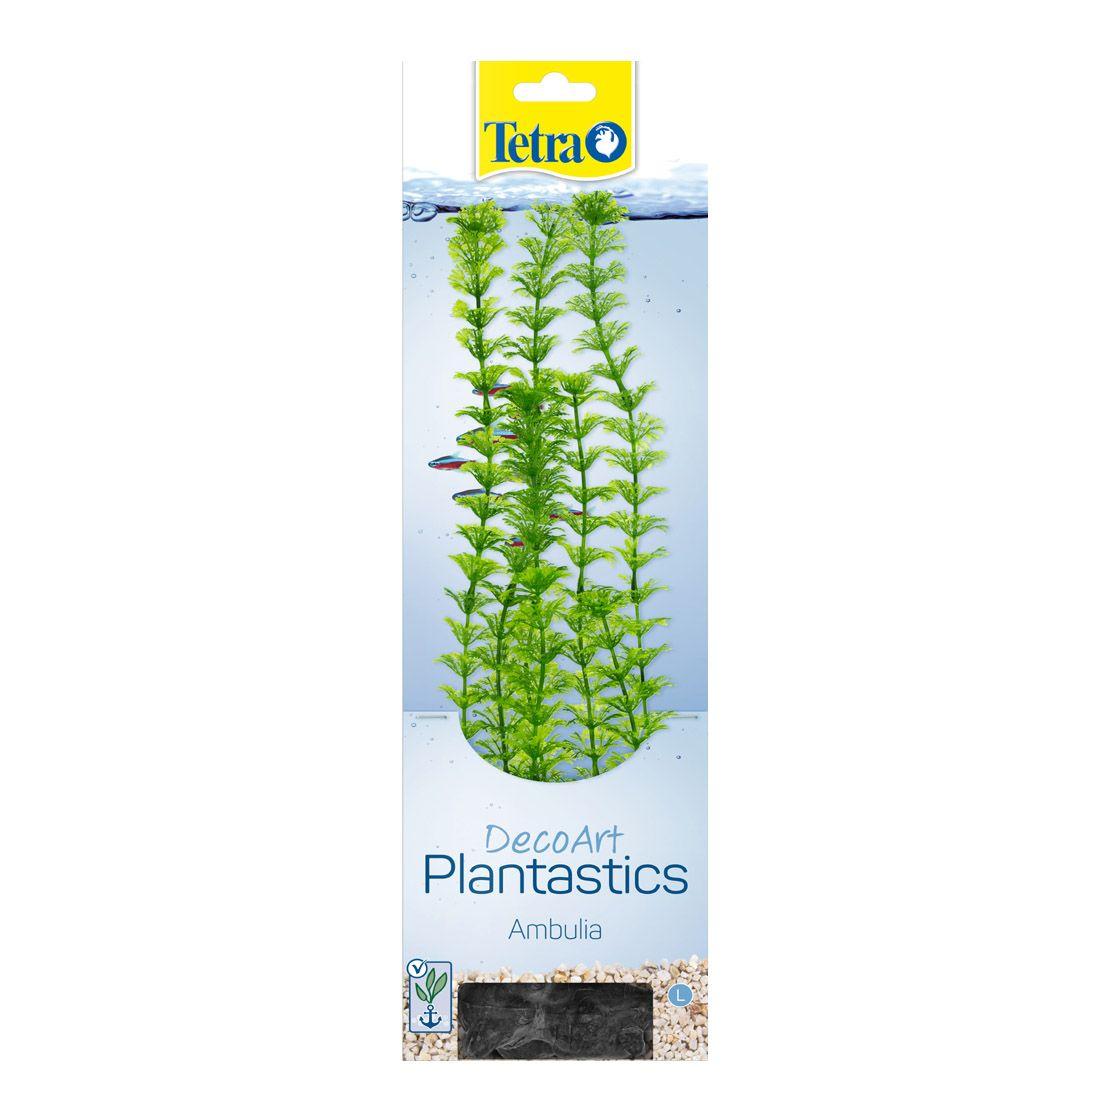 Растение TETRA Deco Art искусственное Амбулия L (30см) растение искусственное в горшке лаванда 30см